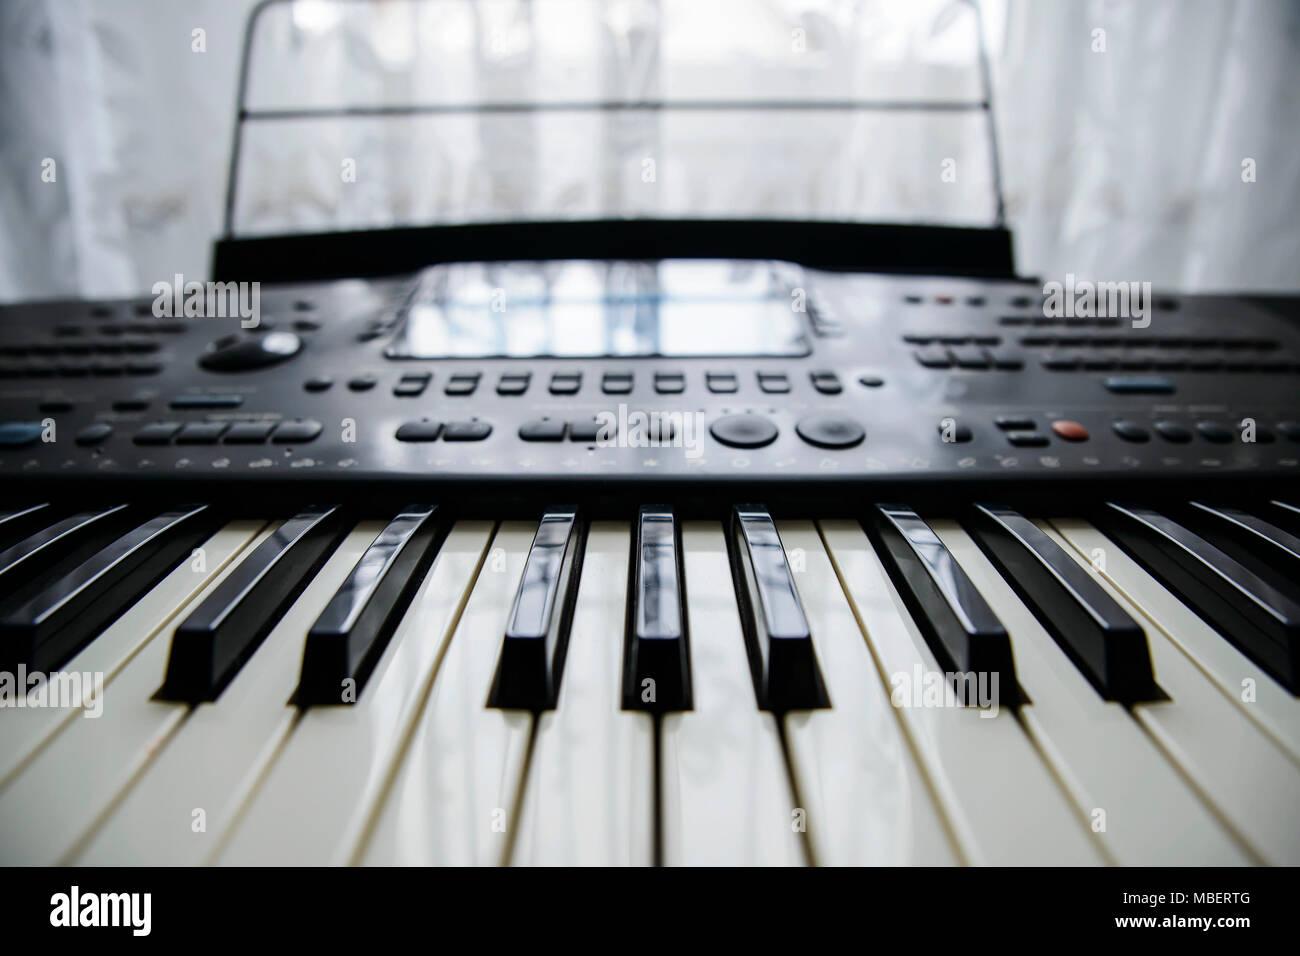 black and white keys of electronic synthesizer - Stock Image